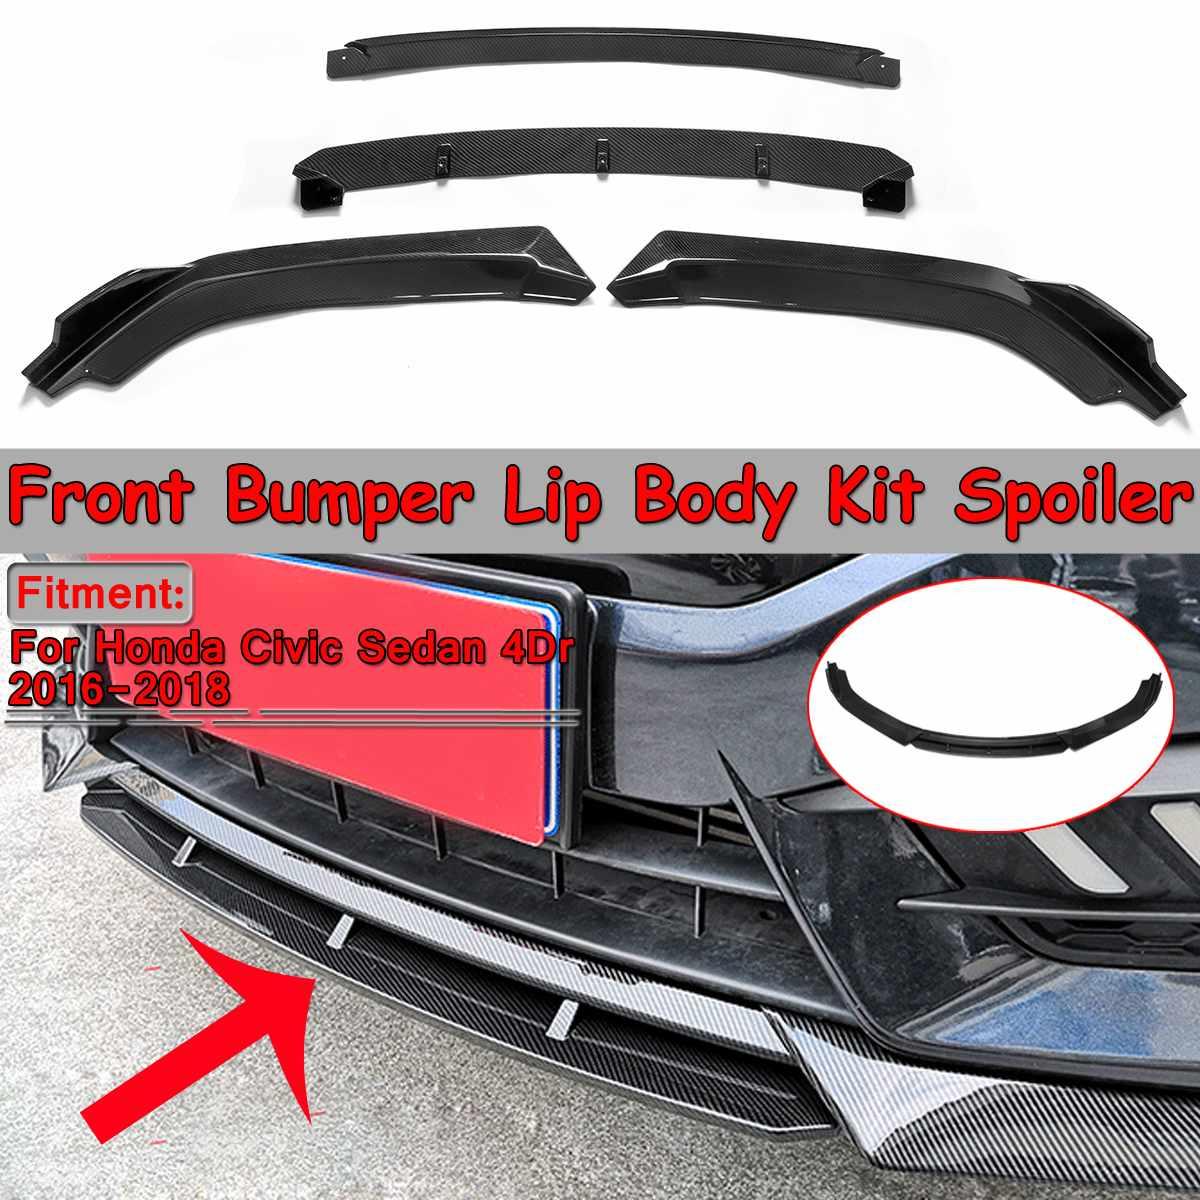 ใหม่ 4pcs รถกันชนด้านหน้าลิป Splitter Diffuser Lip ชุดสปอยเลอร์กันชนสำหรับ Honda สำหรับ Civic Sedan 4Dr 2016-2018